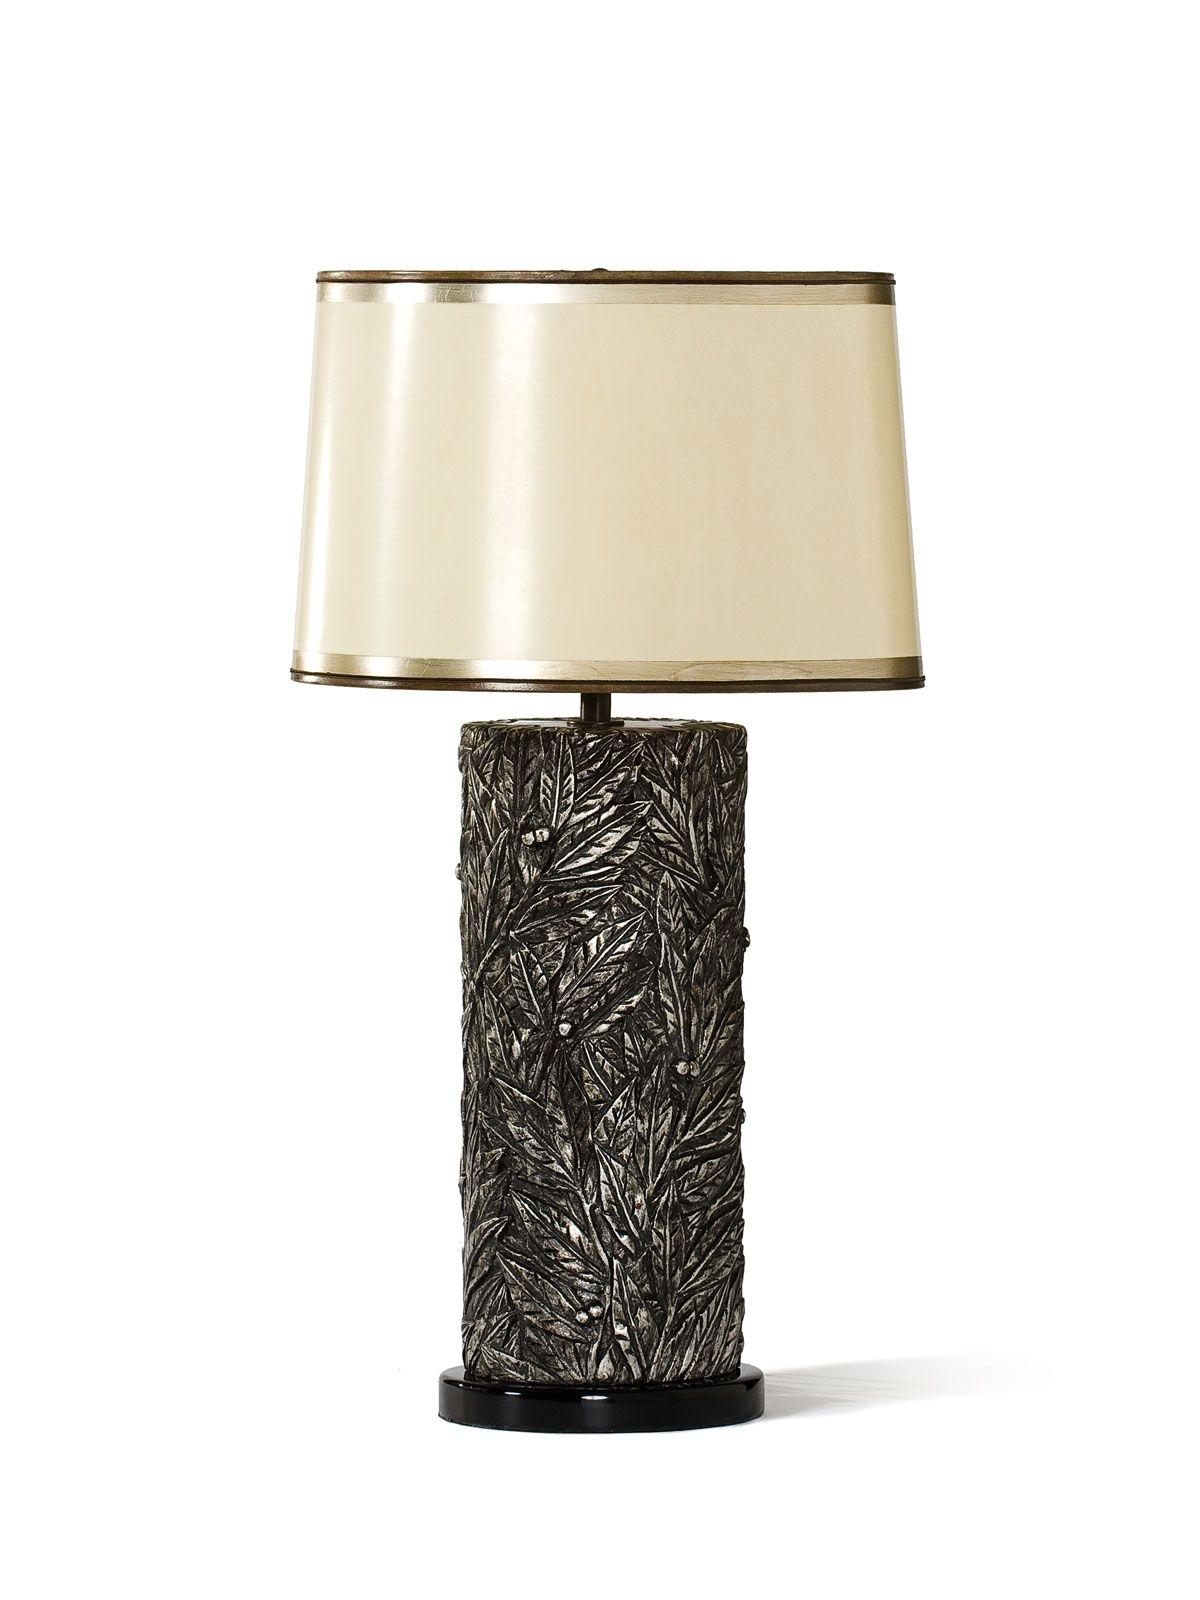 jean de merry buisson table lamp de sousa hughes